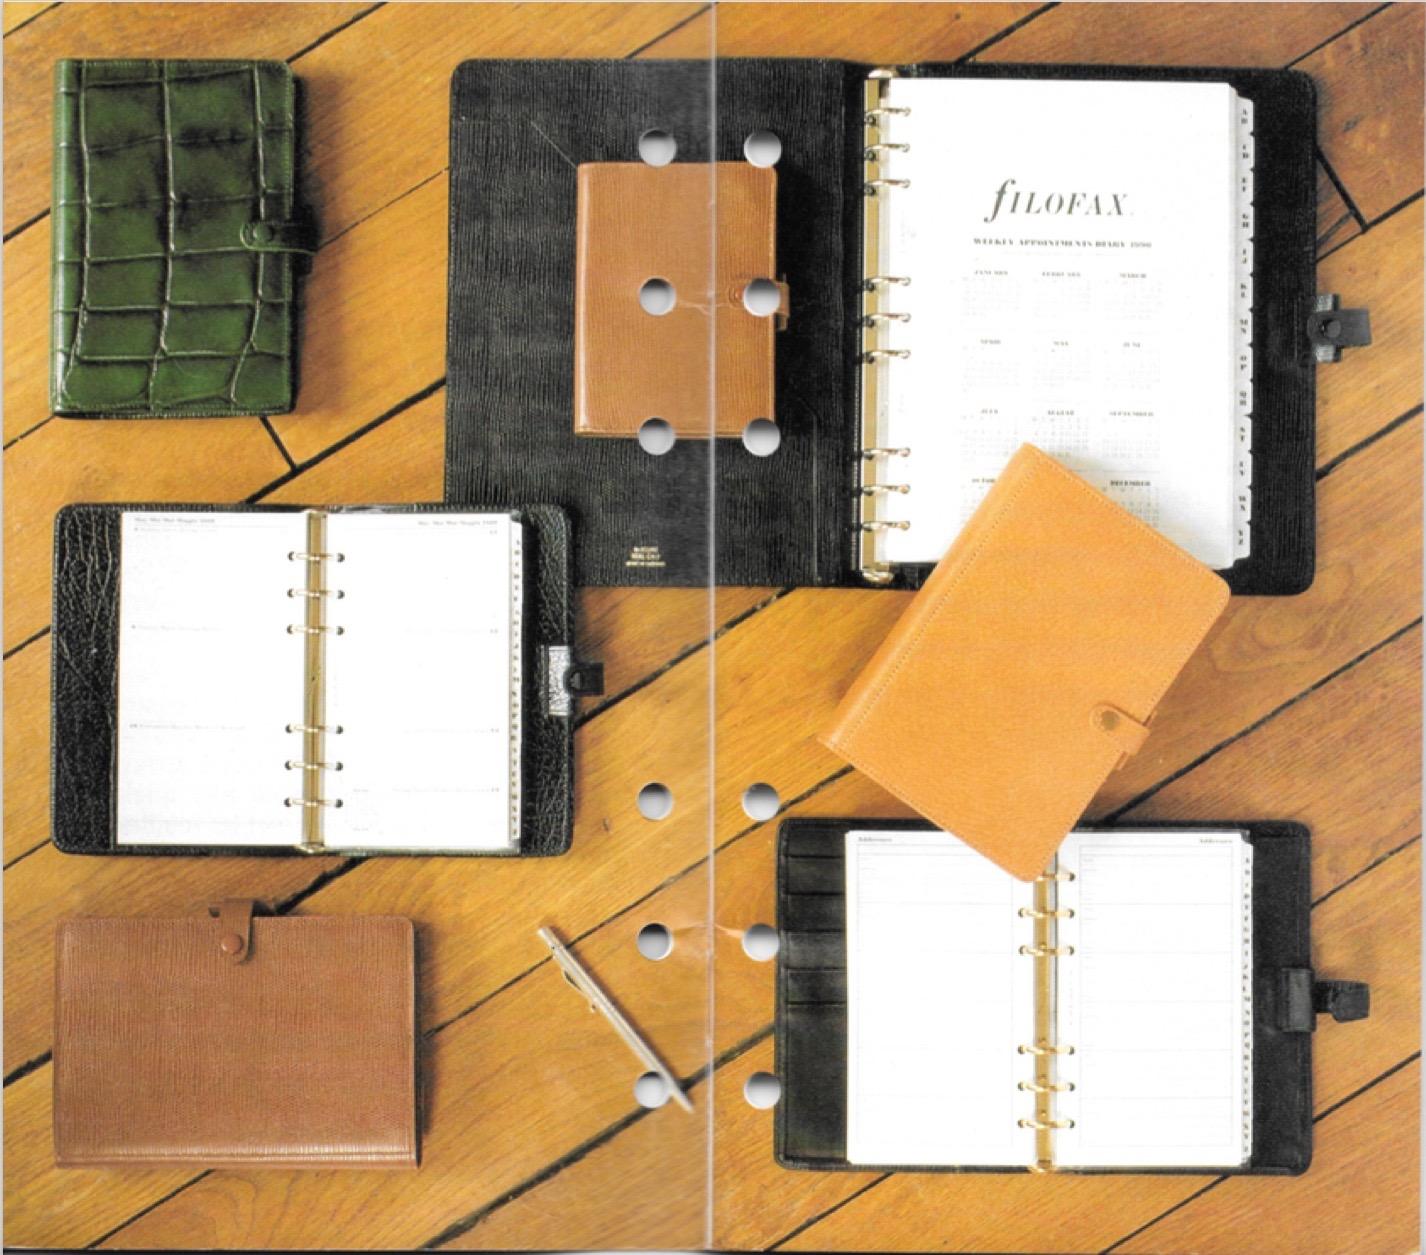 Old Filofax/Lefax Catalogues